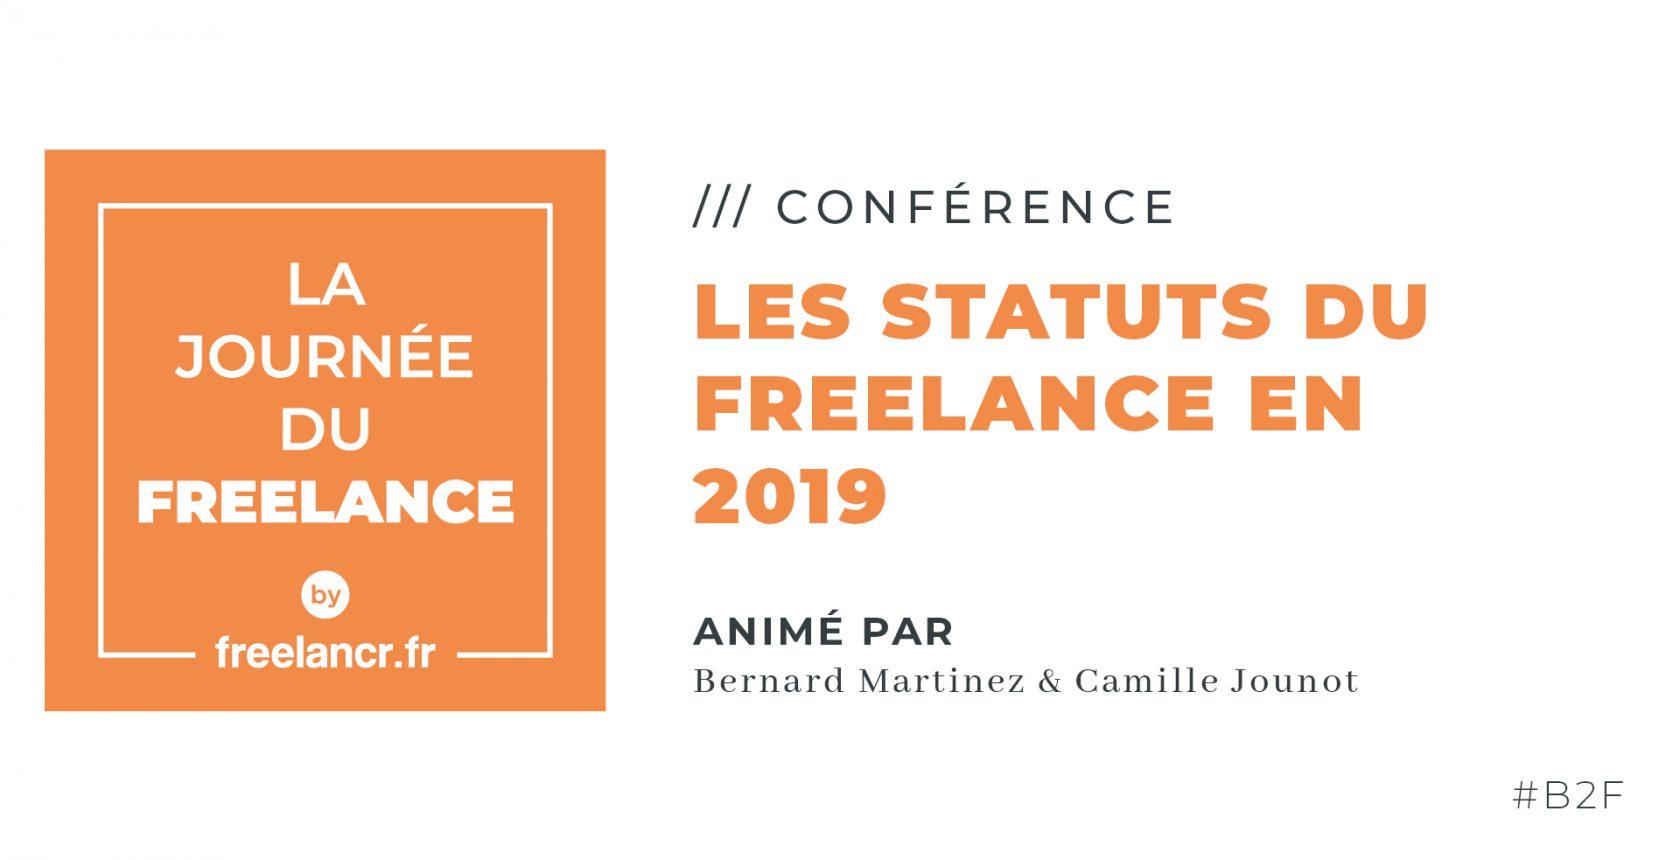 Les statuts du Freelance en 2019